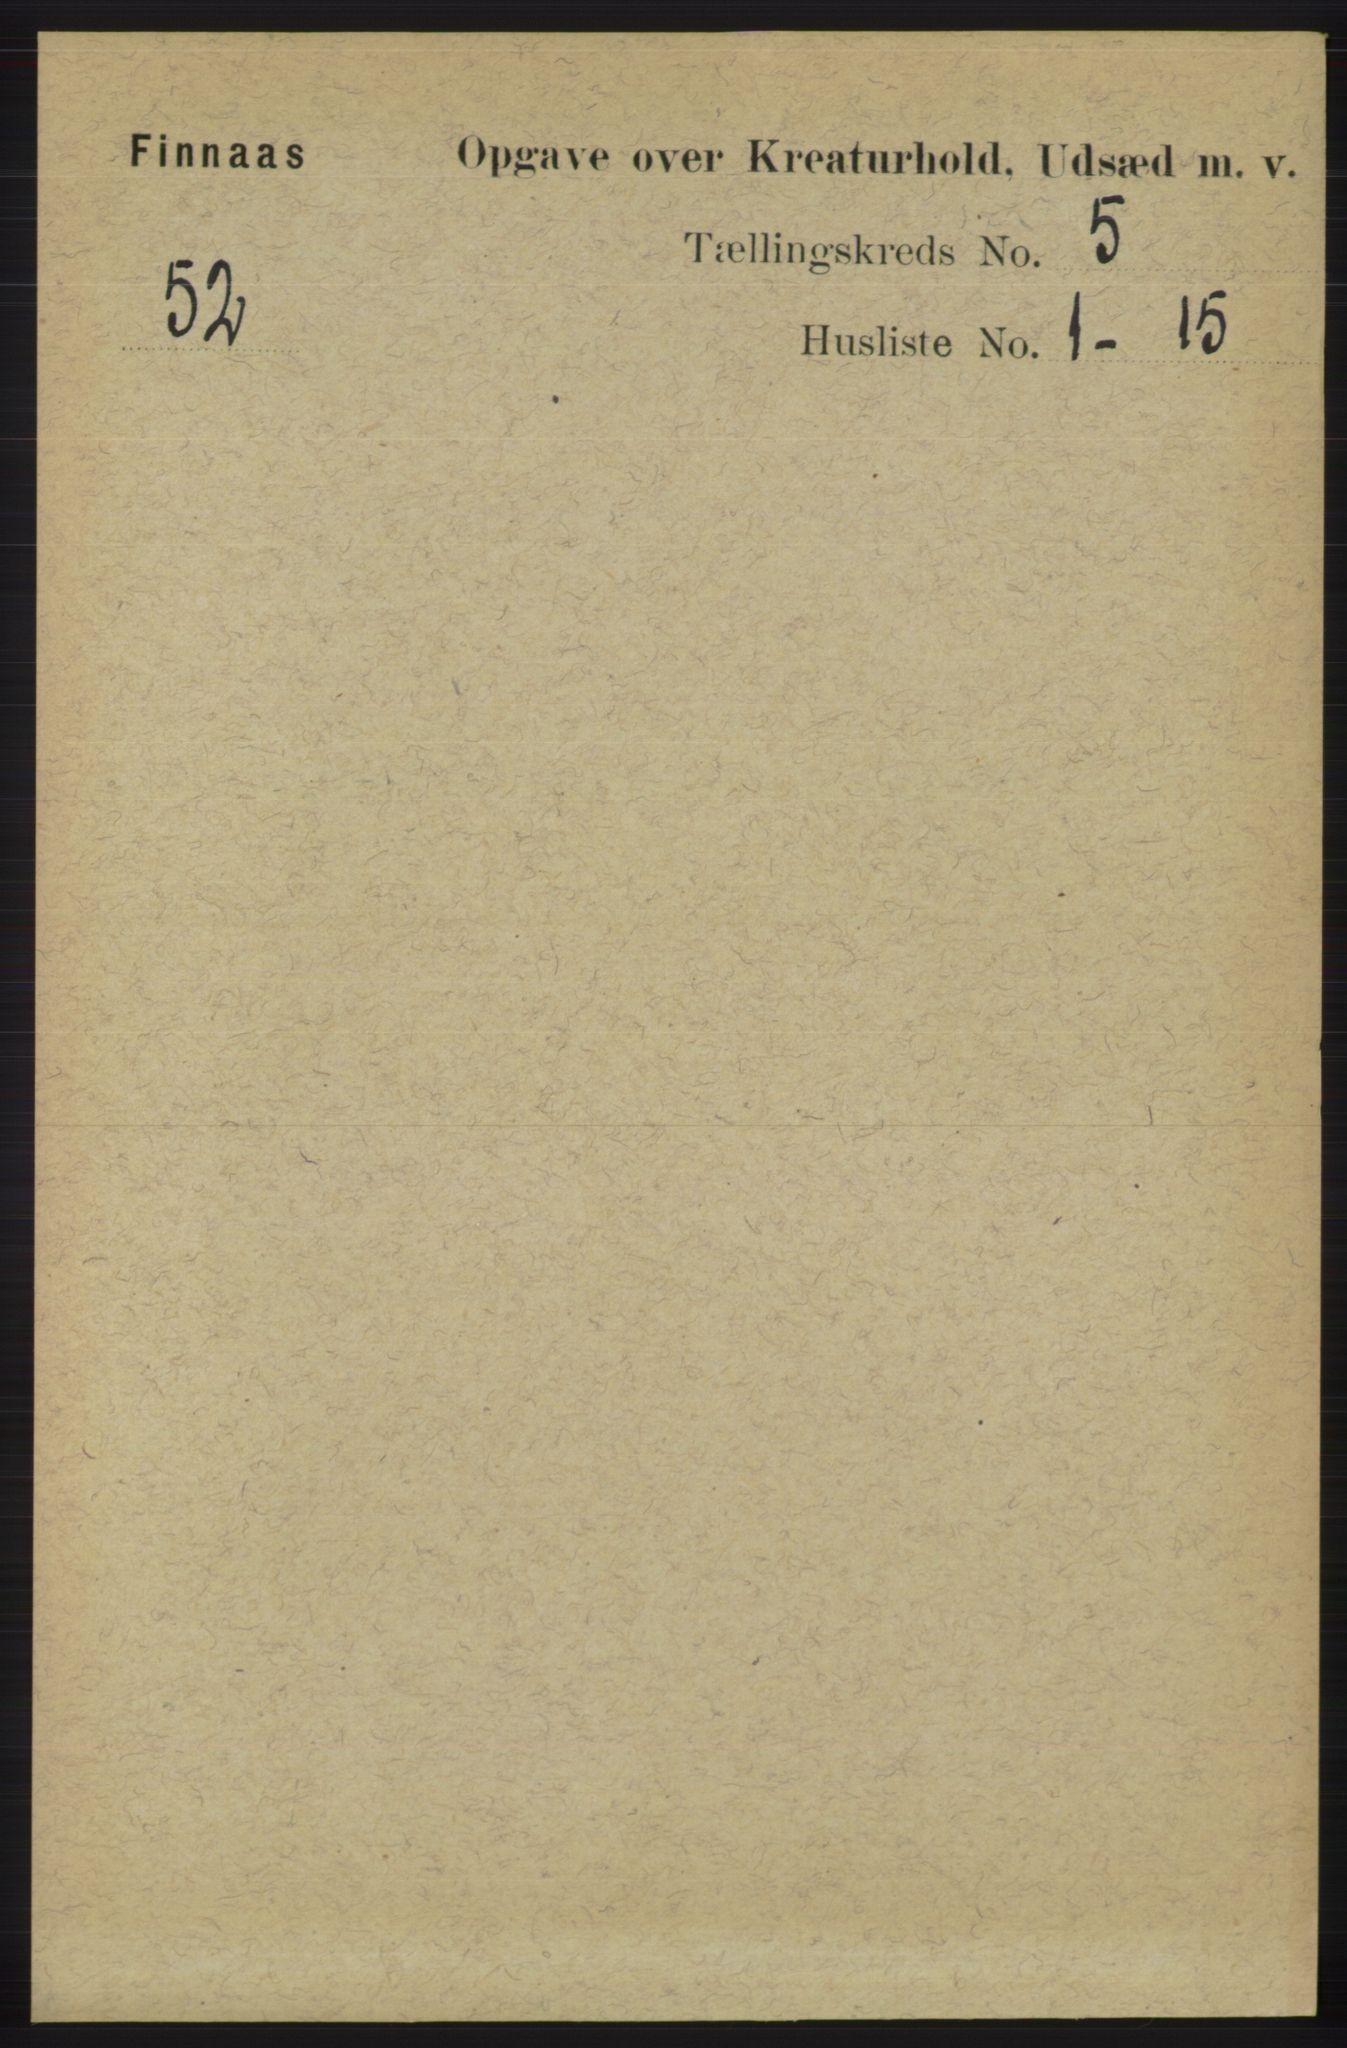 RA, Folketelling 1891 for 1218 Finnås herred, 1891, s. 6592